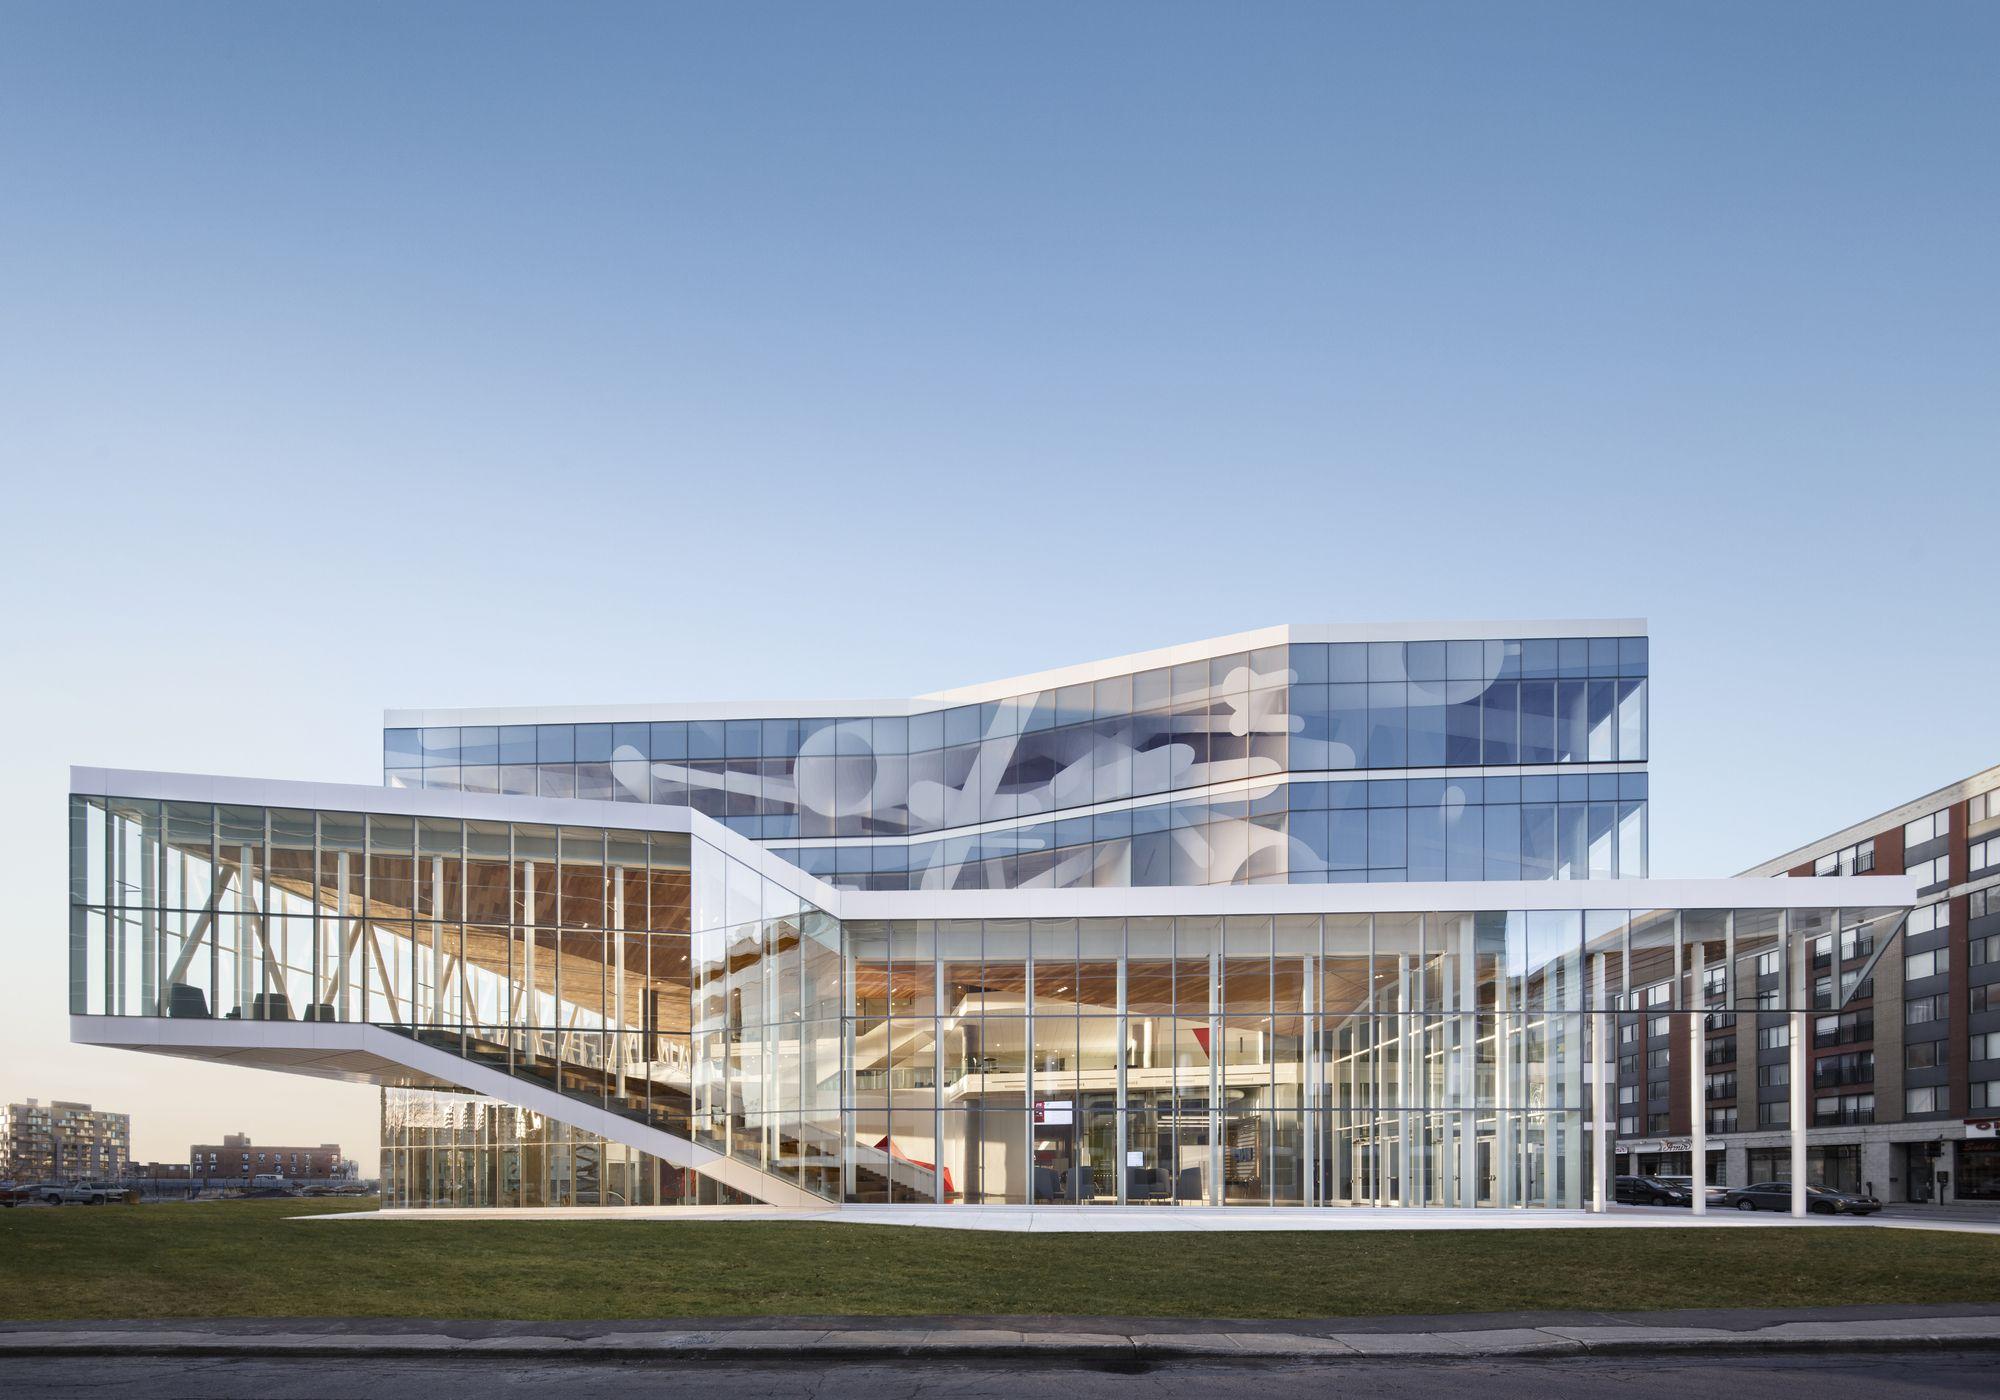 Maison des étudiants de l'École de technologie supérieure (ÉTS) in Montréal by Menkes Shooner Letourneaux Architeces